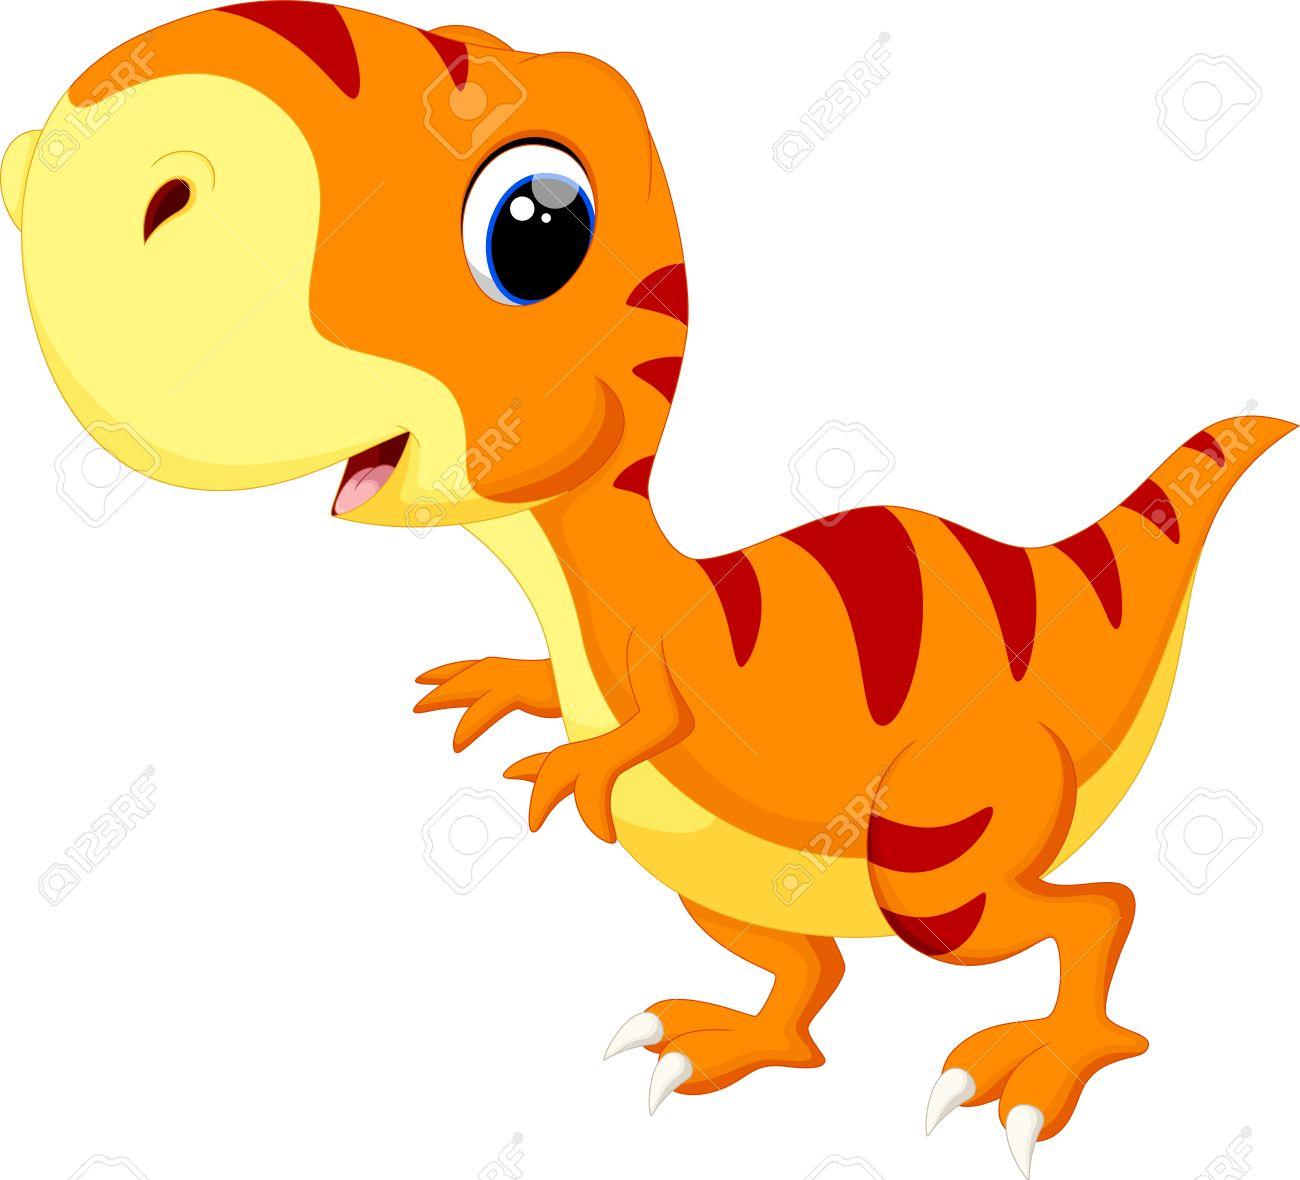 Lindo Bebe De Dibujos Animados De Dinosaurios Ilustraciones Vectoriales Clip Art Vectorizado Libre De Derechos Image 41722027 Pues ya verás cuando lo pongas a tu gusto: lindo bebe de dibujos animados de dinosaurios